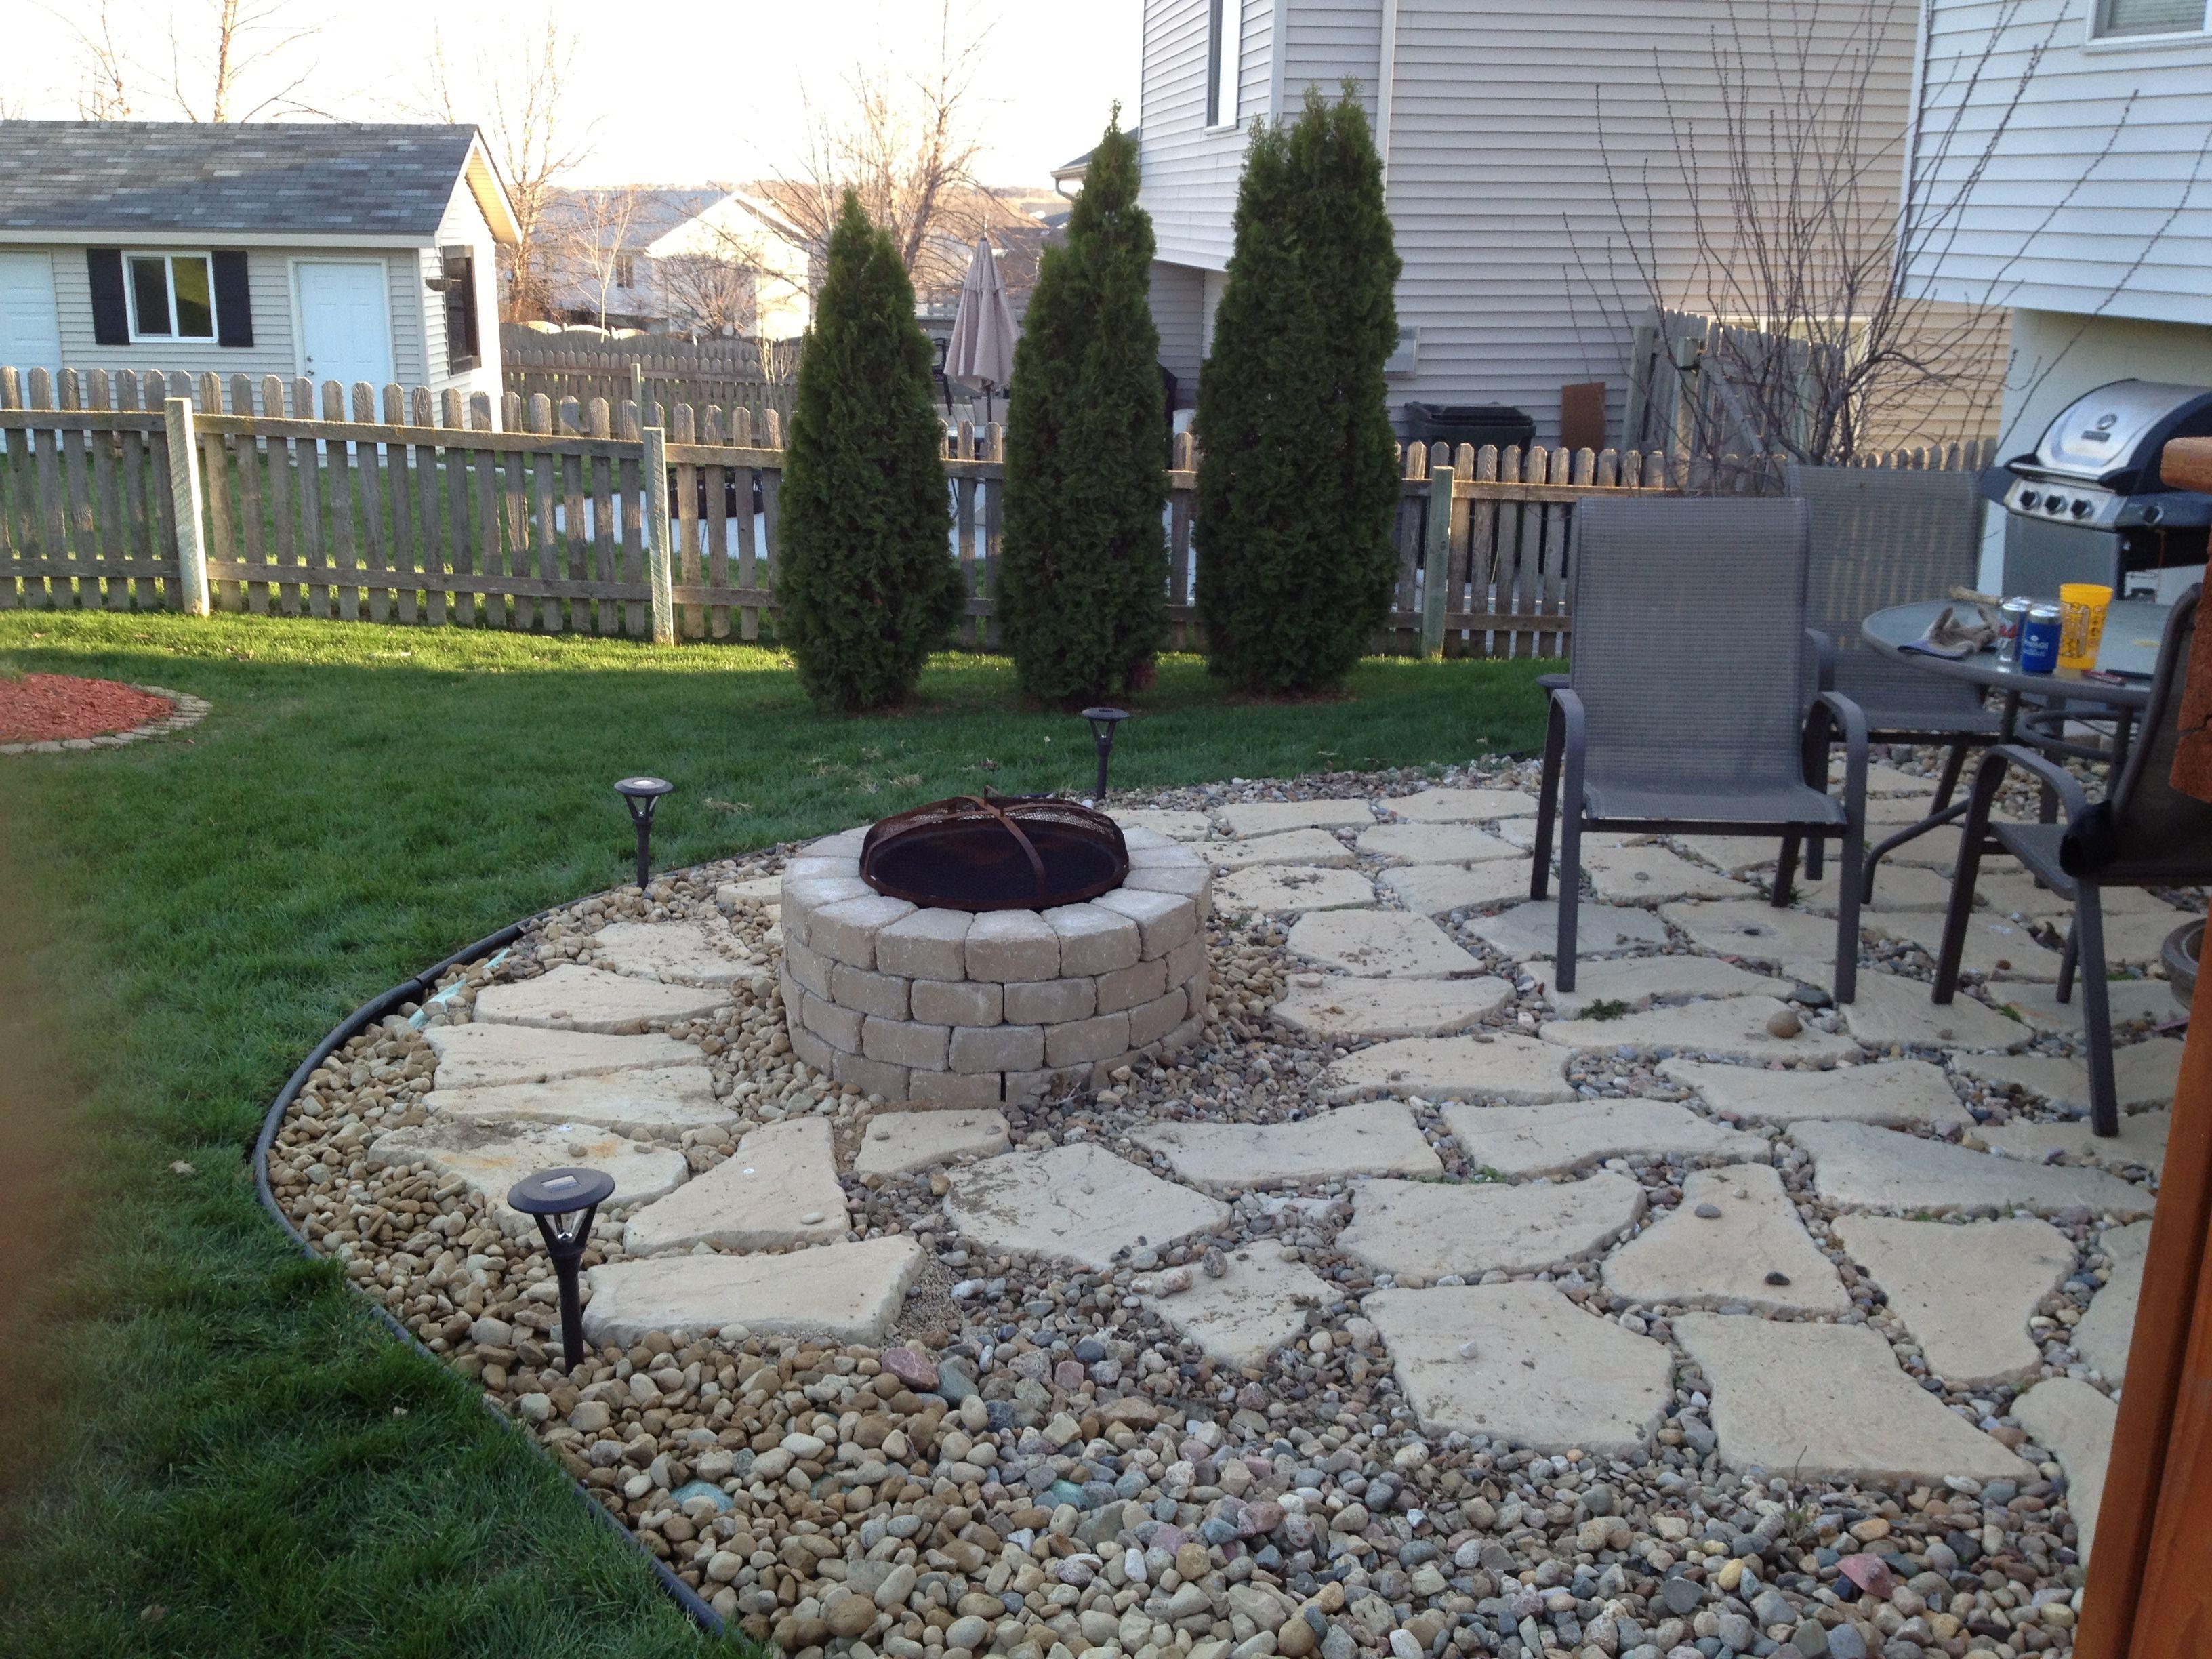 Lowes Patio Pavers Prices Paver Set Polymeric Sand Lowes Lowes Patio Brick  Pavers Interlocking Concrete Pavers